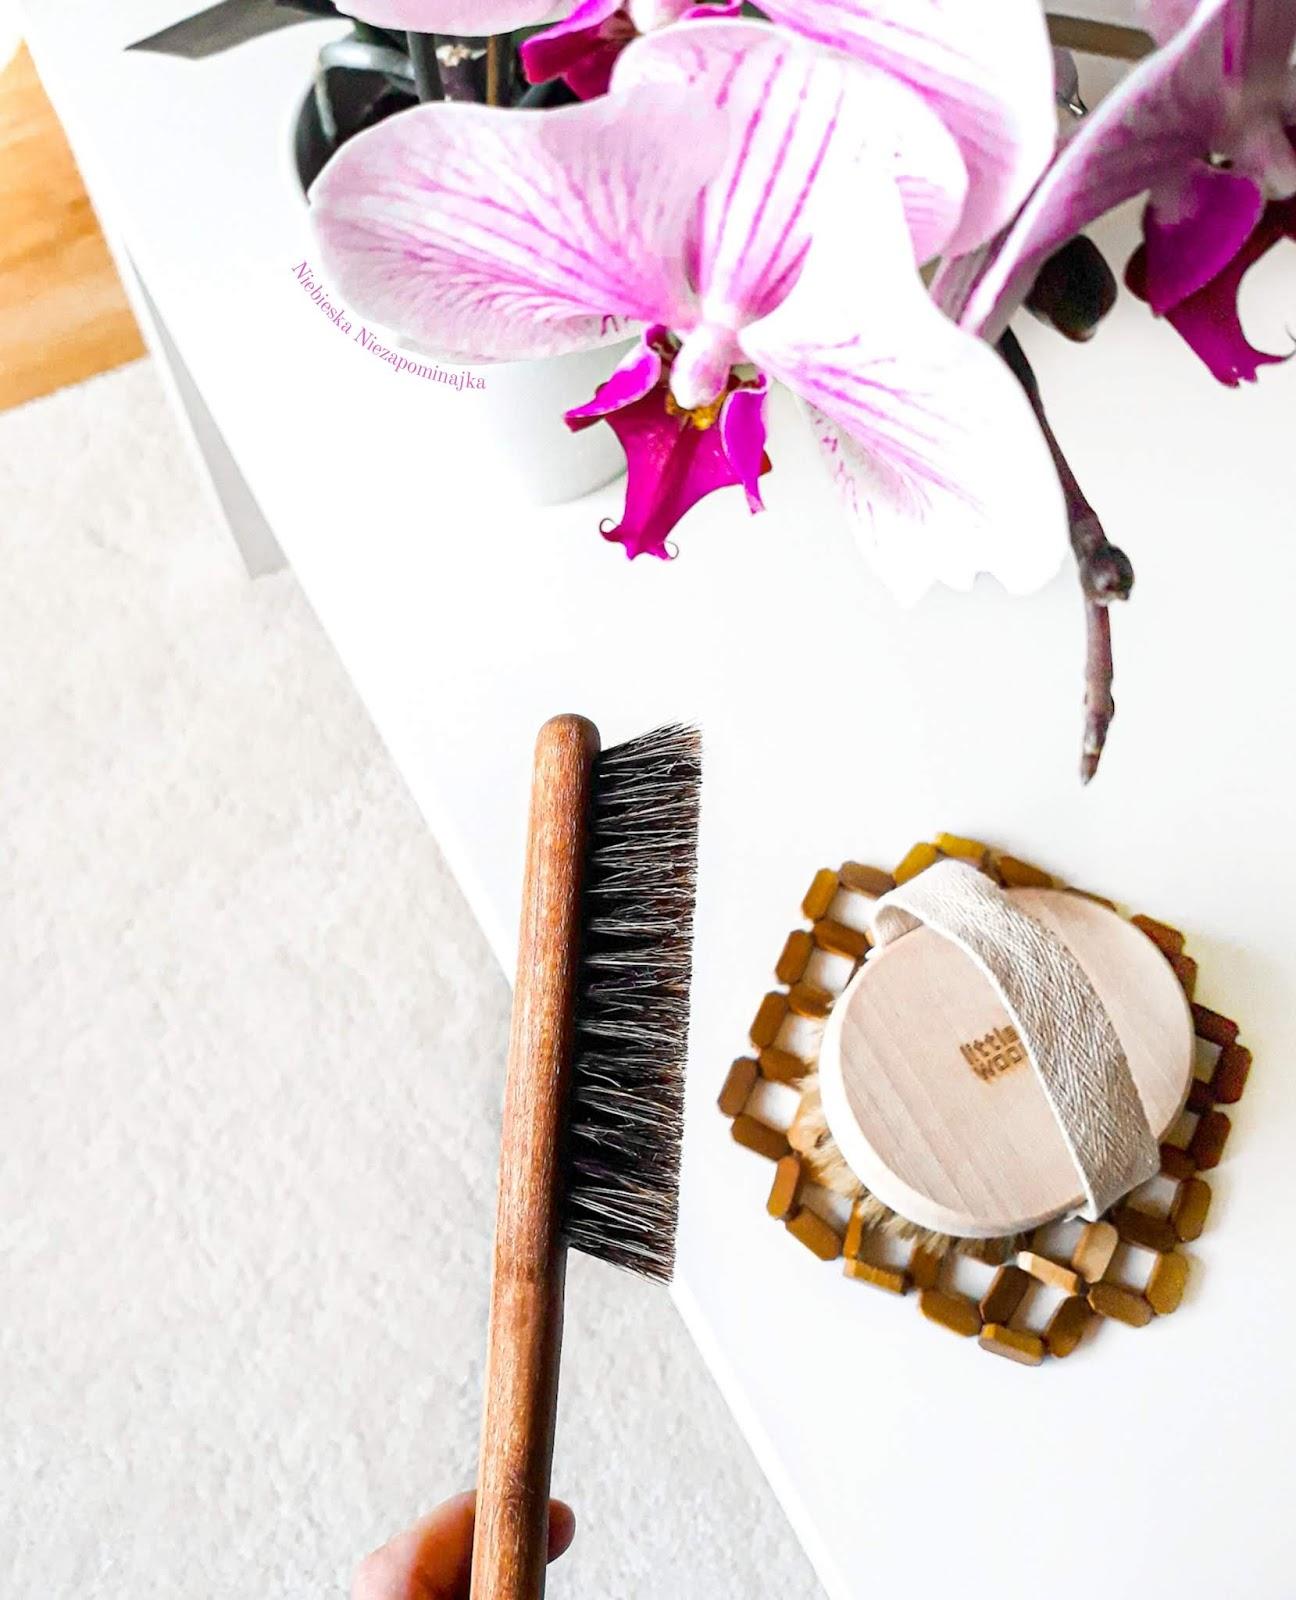 Pielęgnacja włosów i ciała - szczotki z naturalnego włosia dzika丨 Little Wood